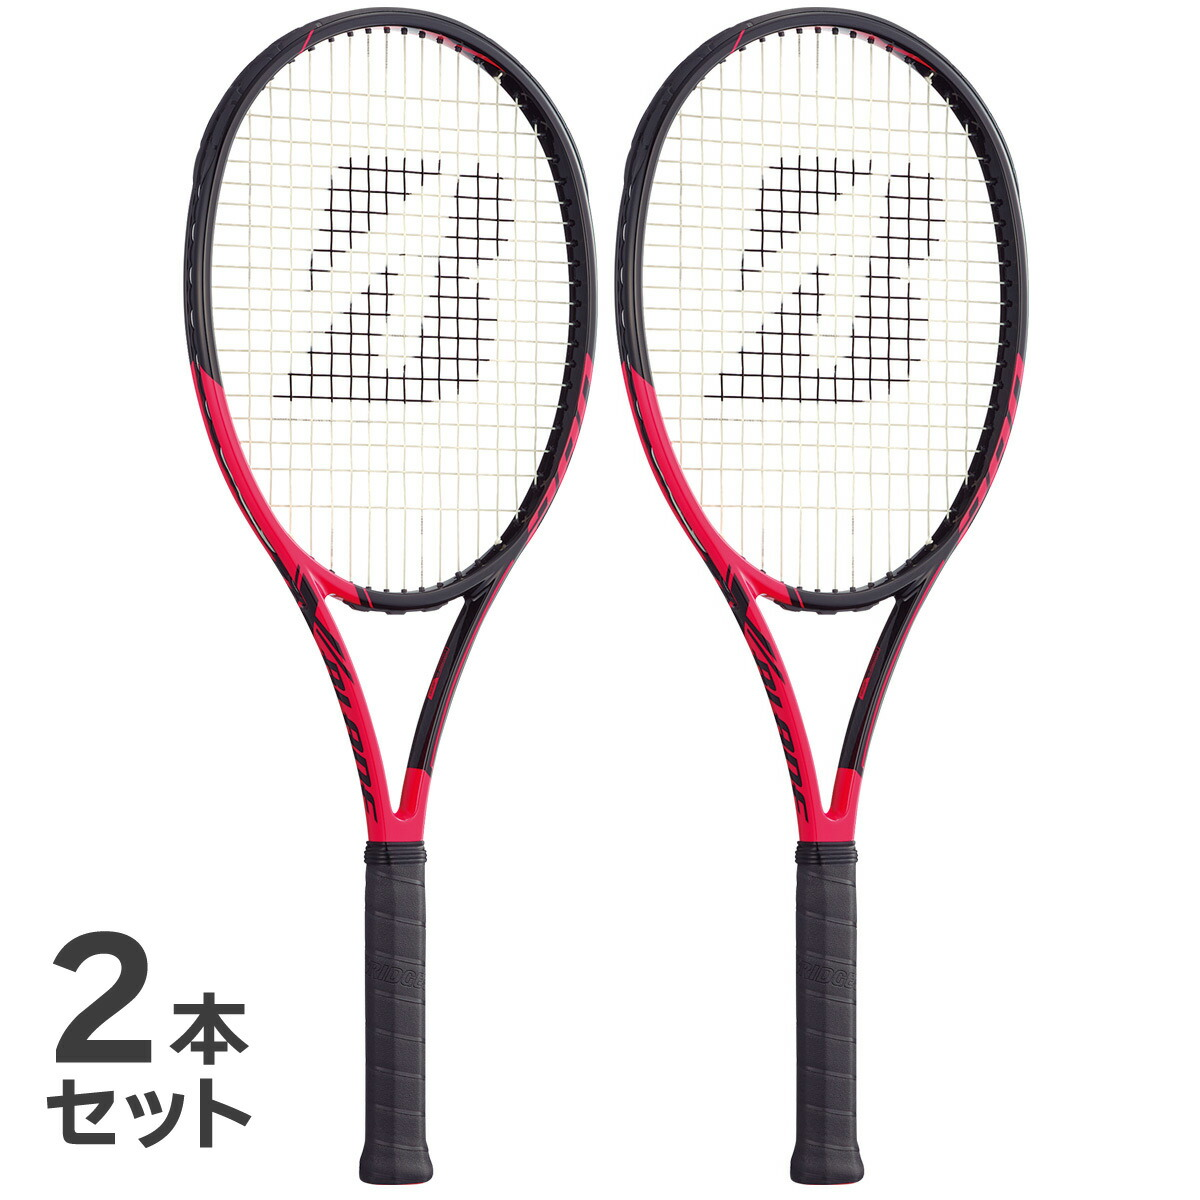 『10%OFFクーポン対象』【2本セット】ブリヂストン BRIDGESTONE 硬式テニスラケット X-BLADE BX 280 エックスブレード ビーエックス 280 BRABX4 3月発売予定※予約 【Tシャツ&サコッシュプレゼント】